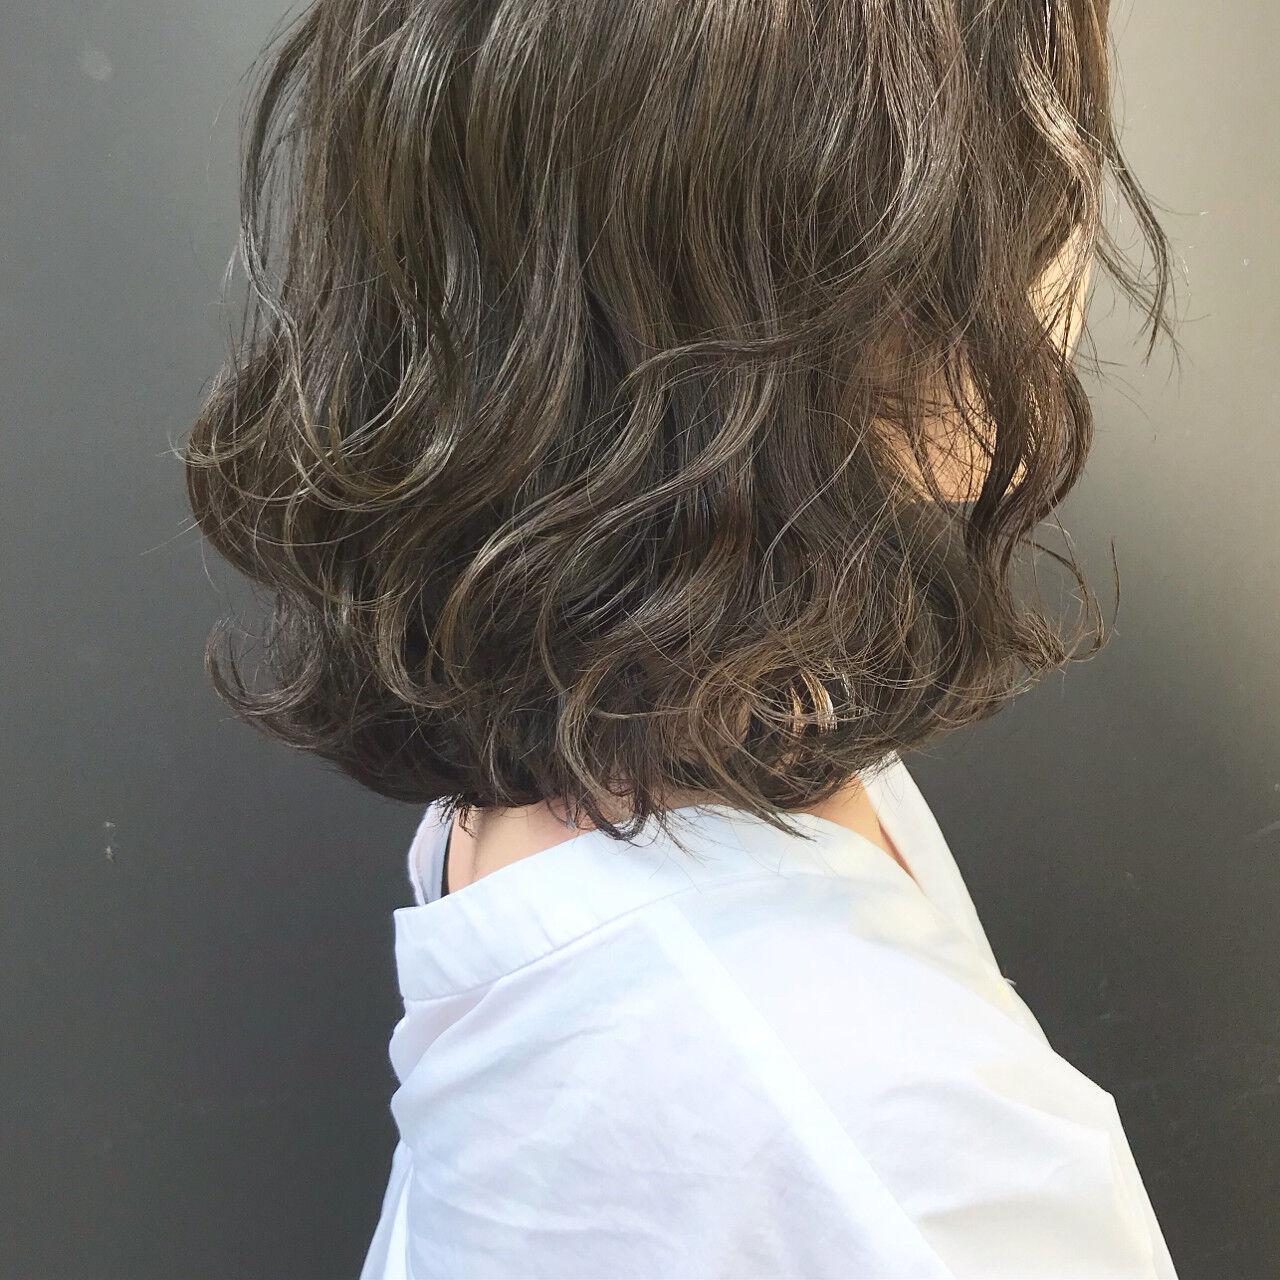 グレージュ ゆるふわ 伸ばしかけ ロブヘアスタイルや髪型の写真・画像